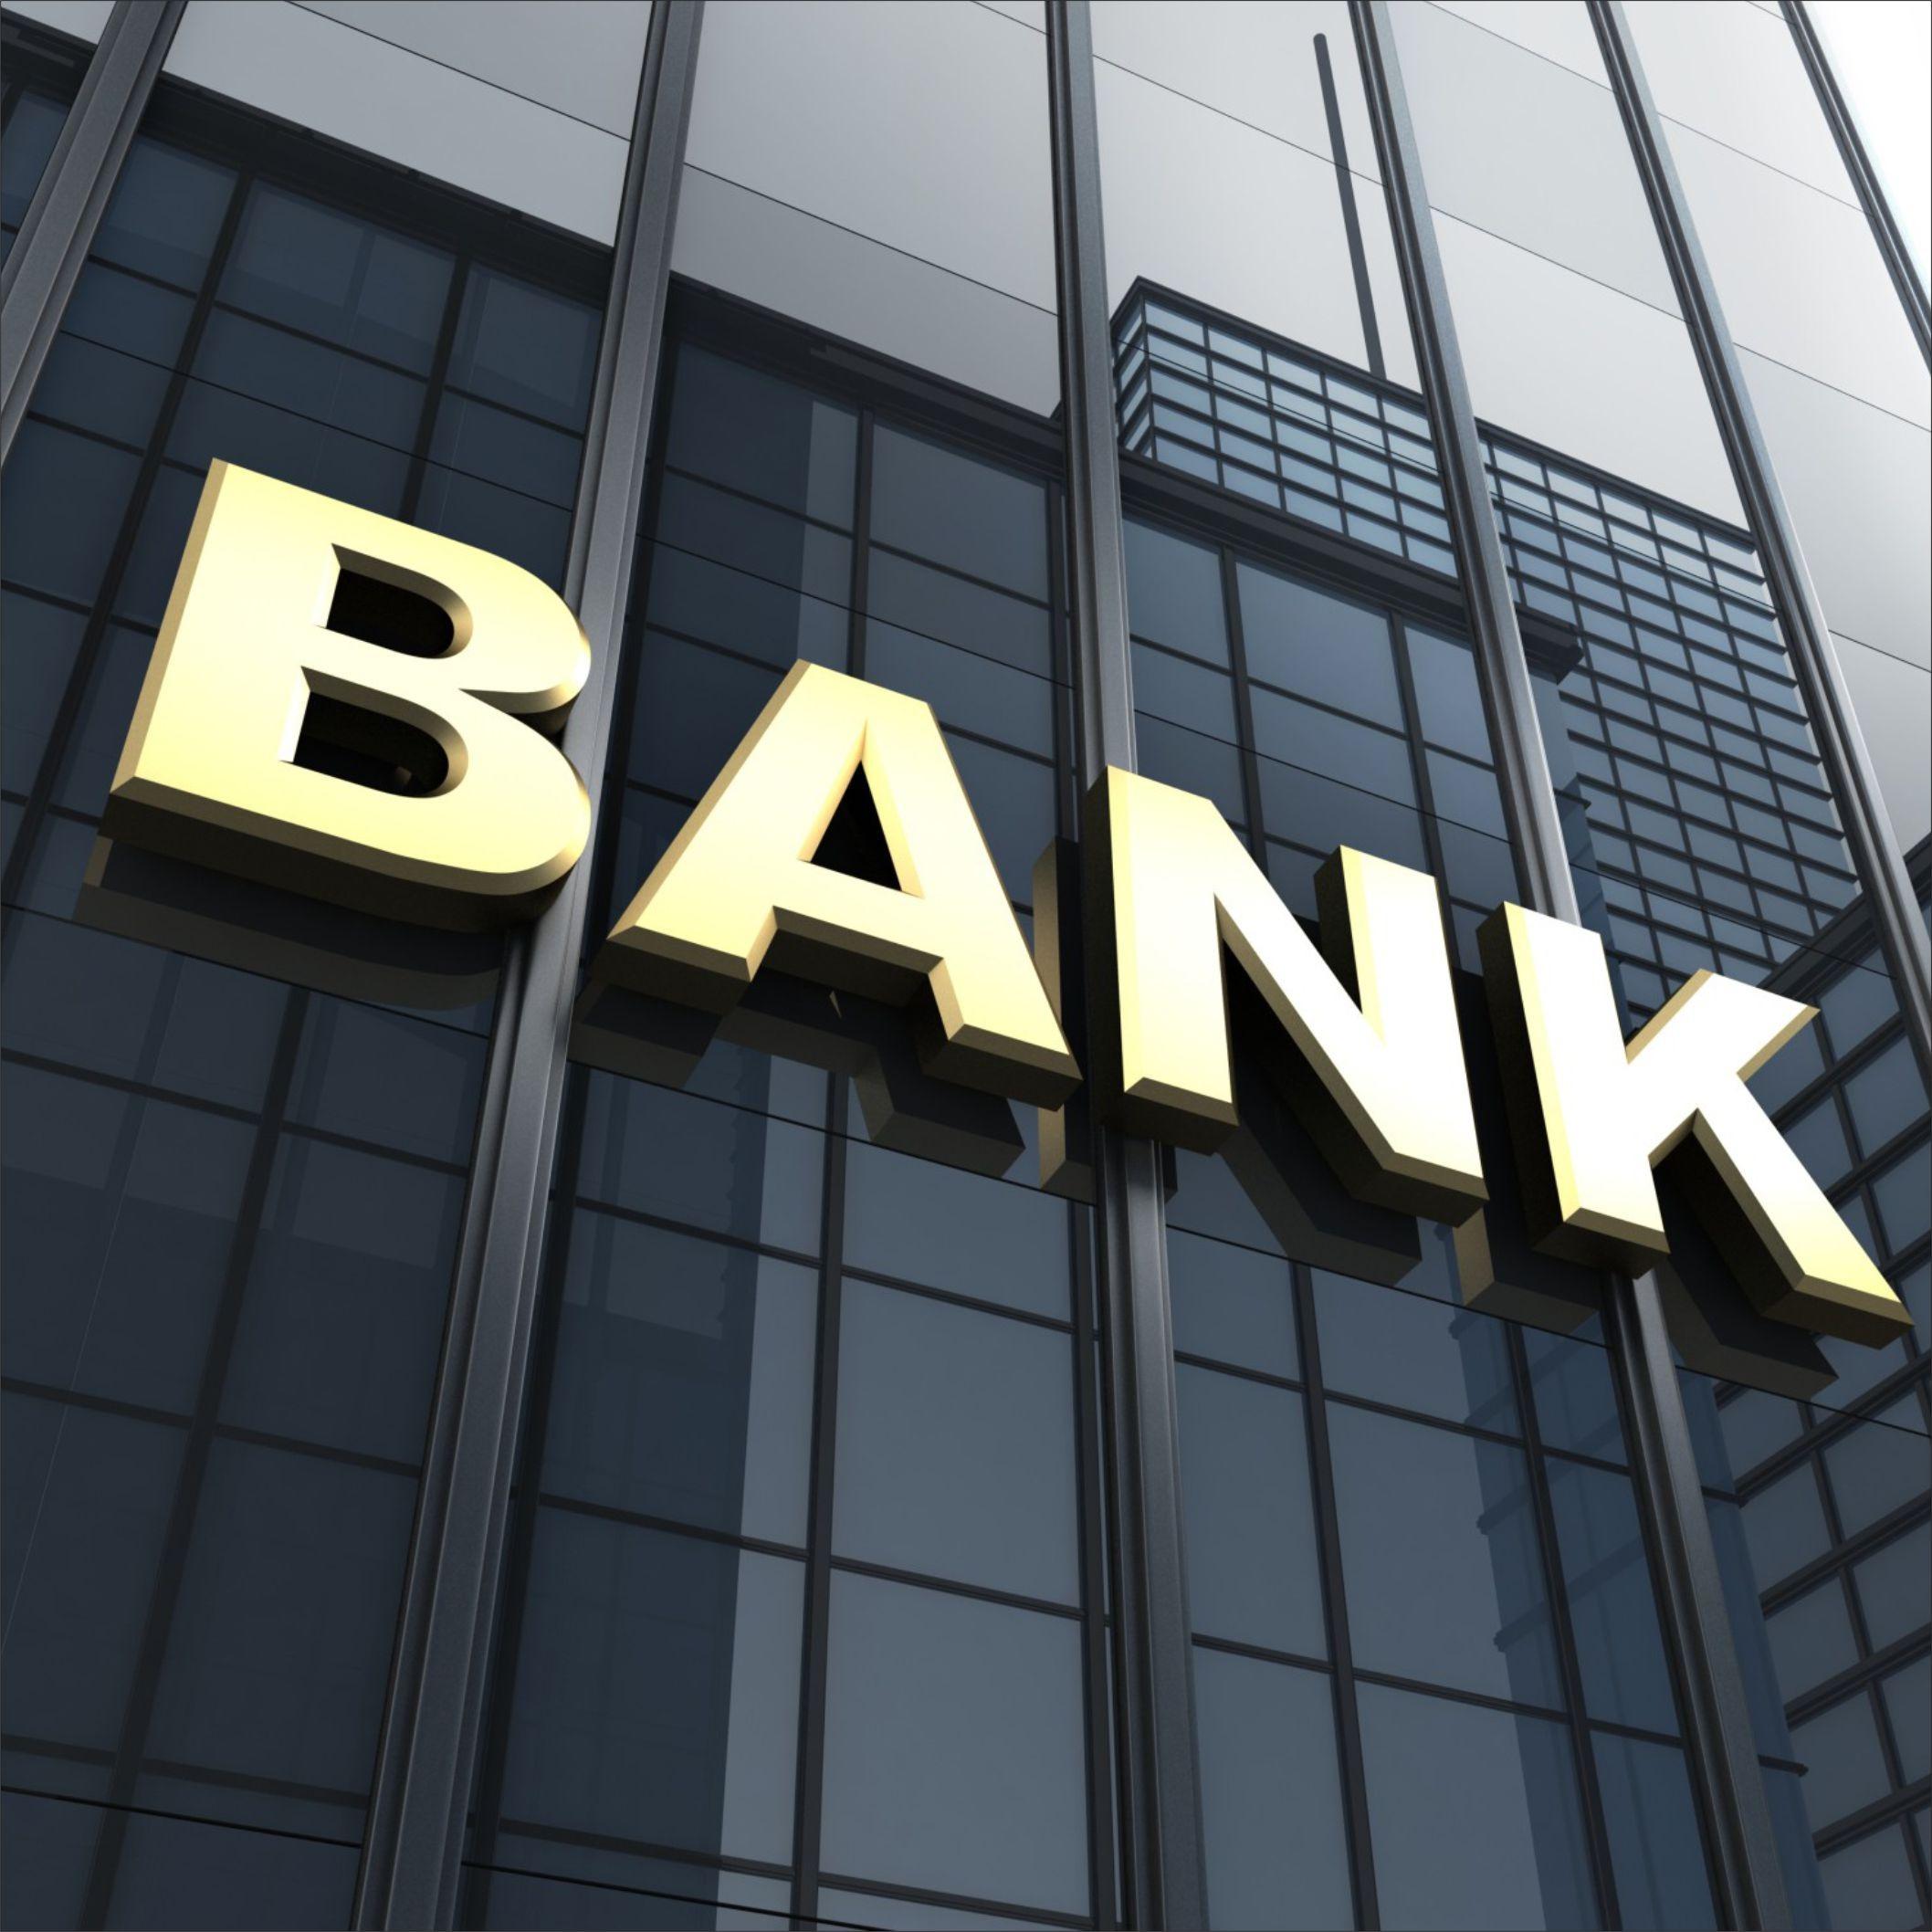 Максимальная ставка топ-10 банков по рублевым вкладам еще немного снизилась